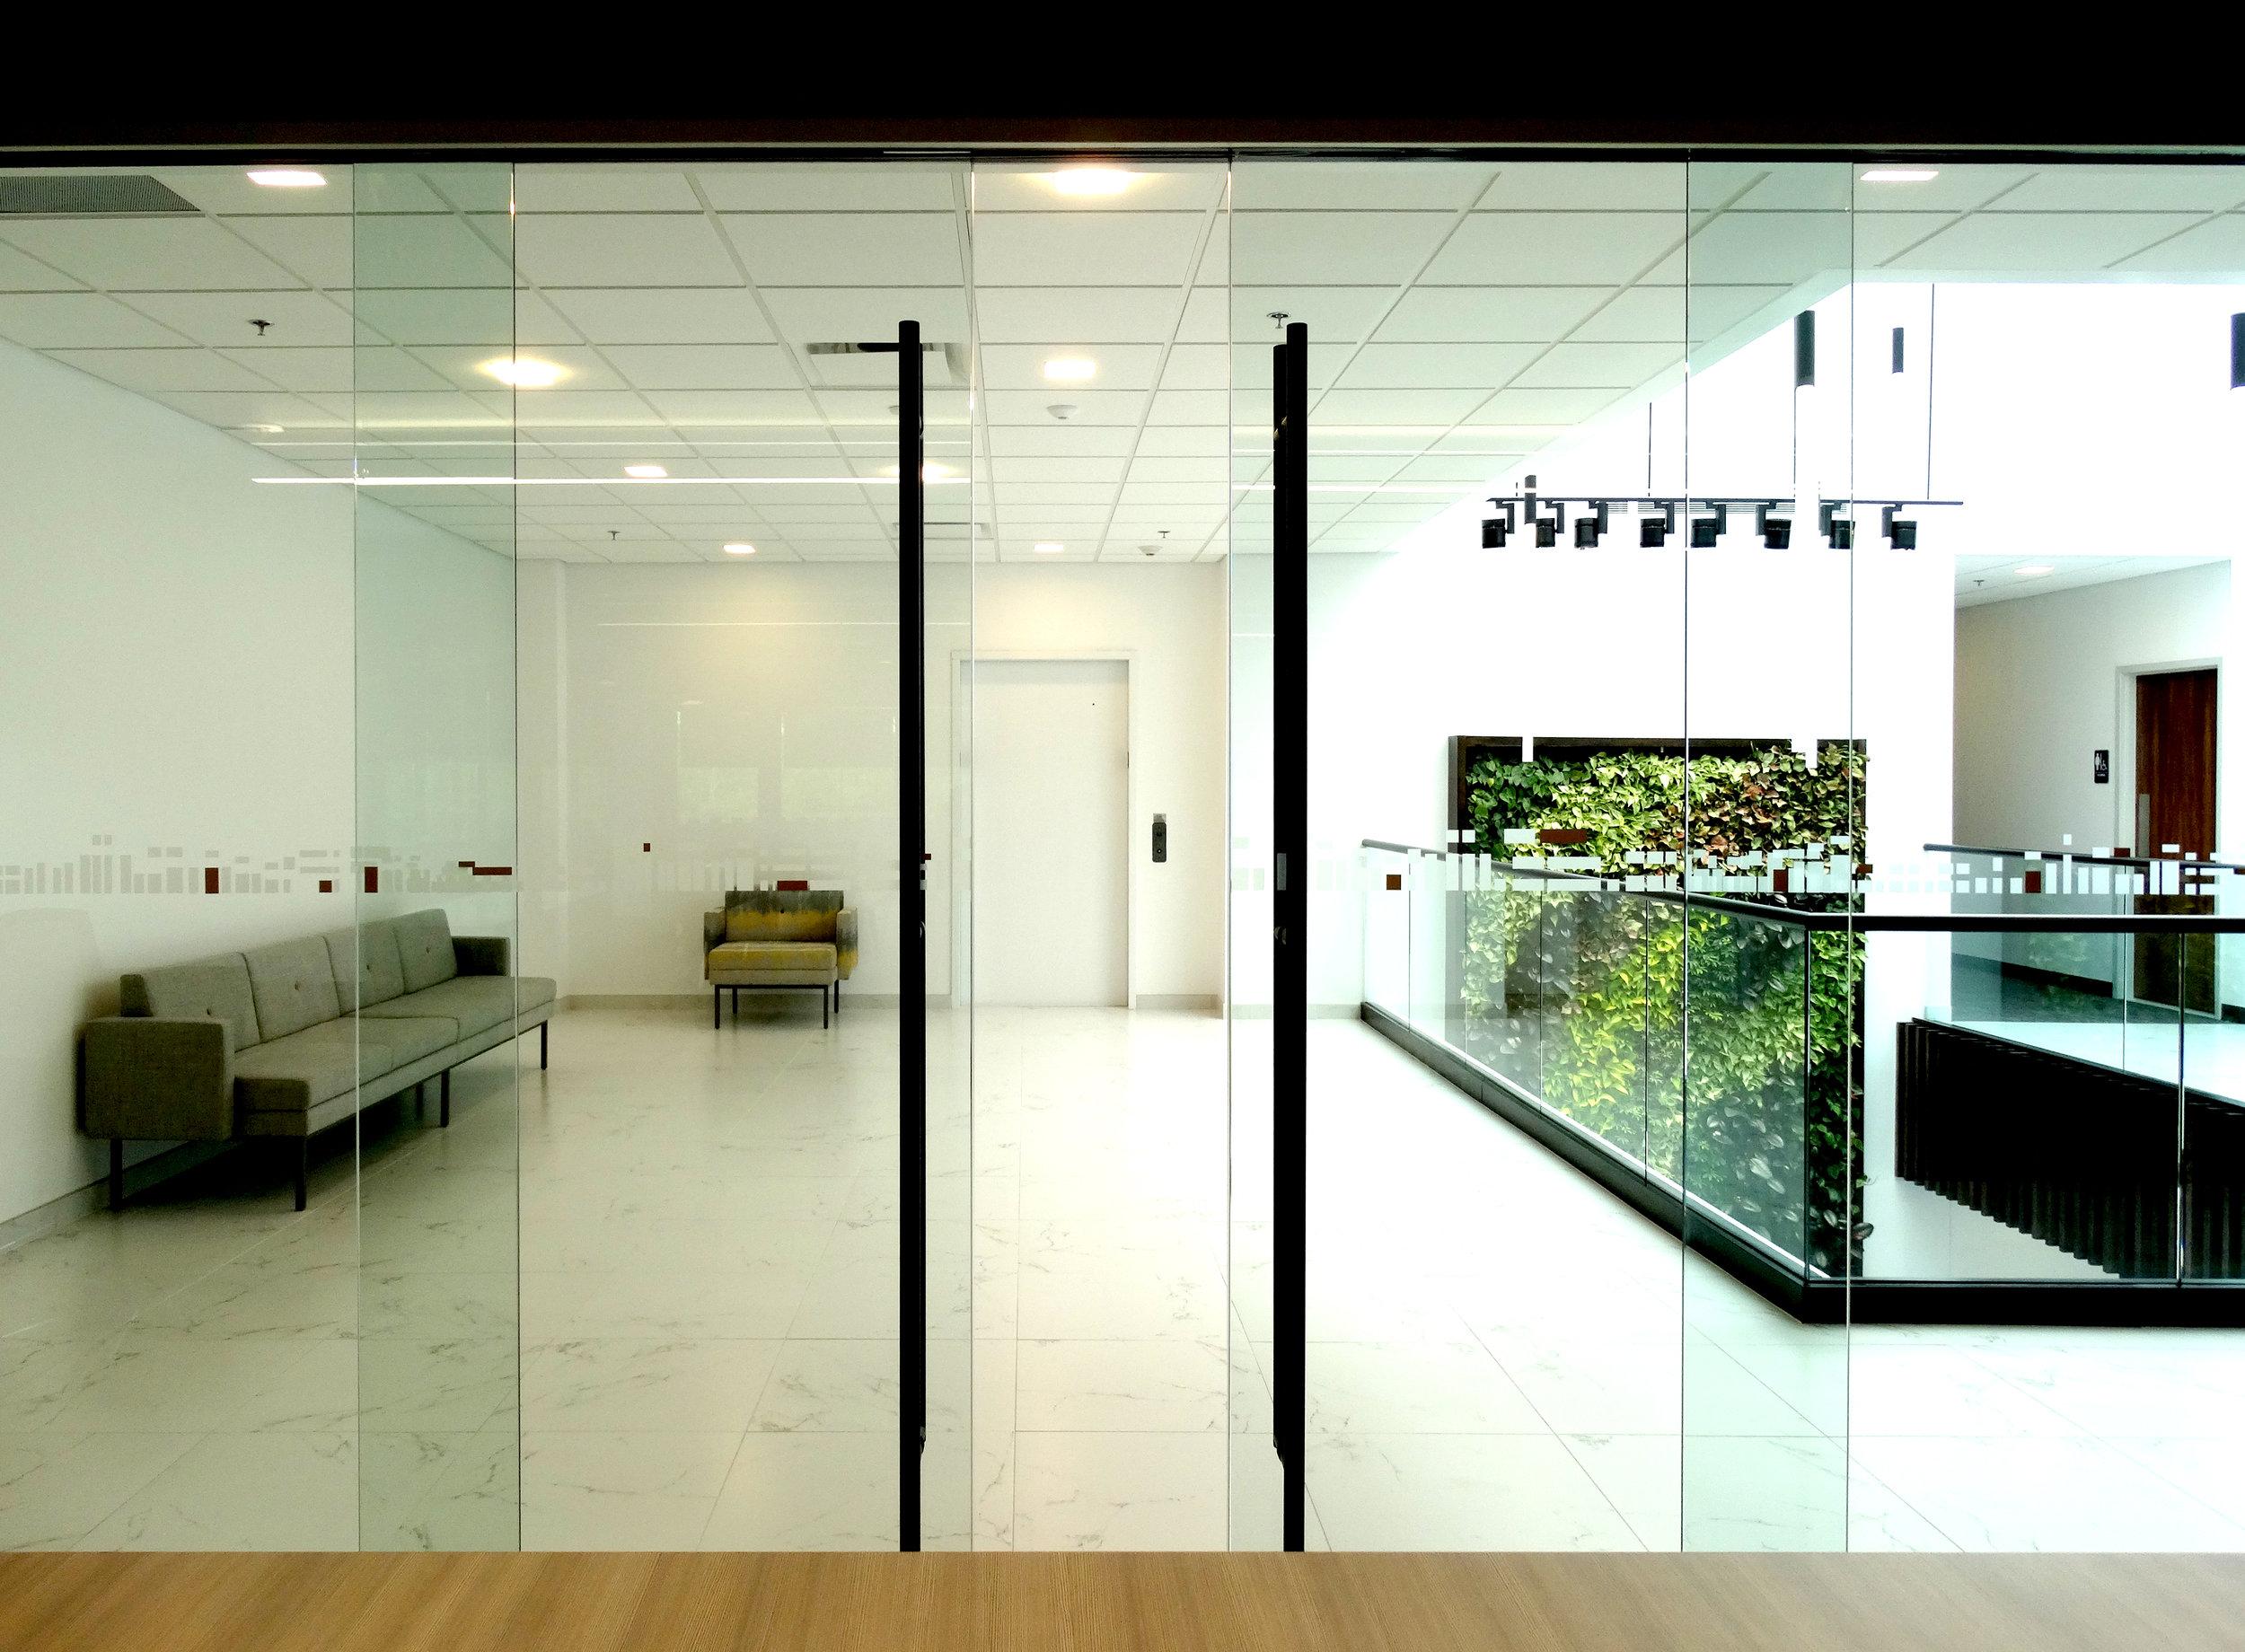 Illume Frameless Glass Synchronized Bi-Parting Sliding Doors - Spaceworks AI.jpg